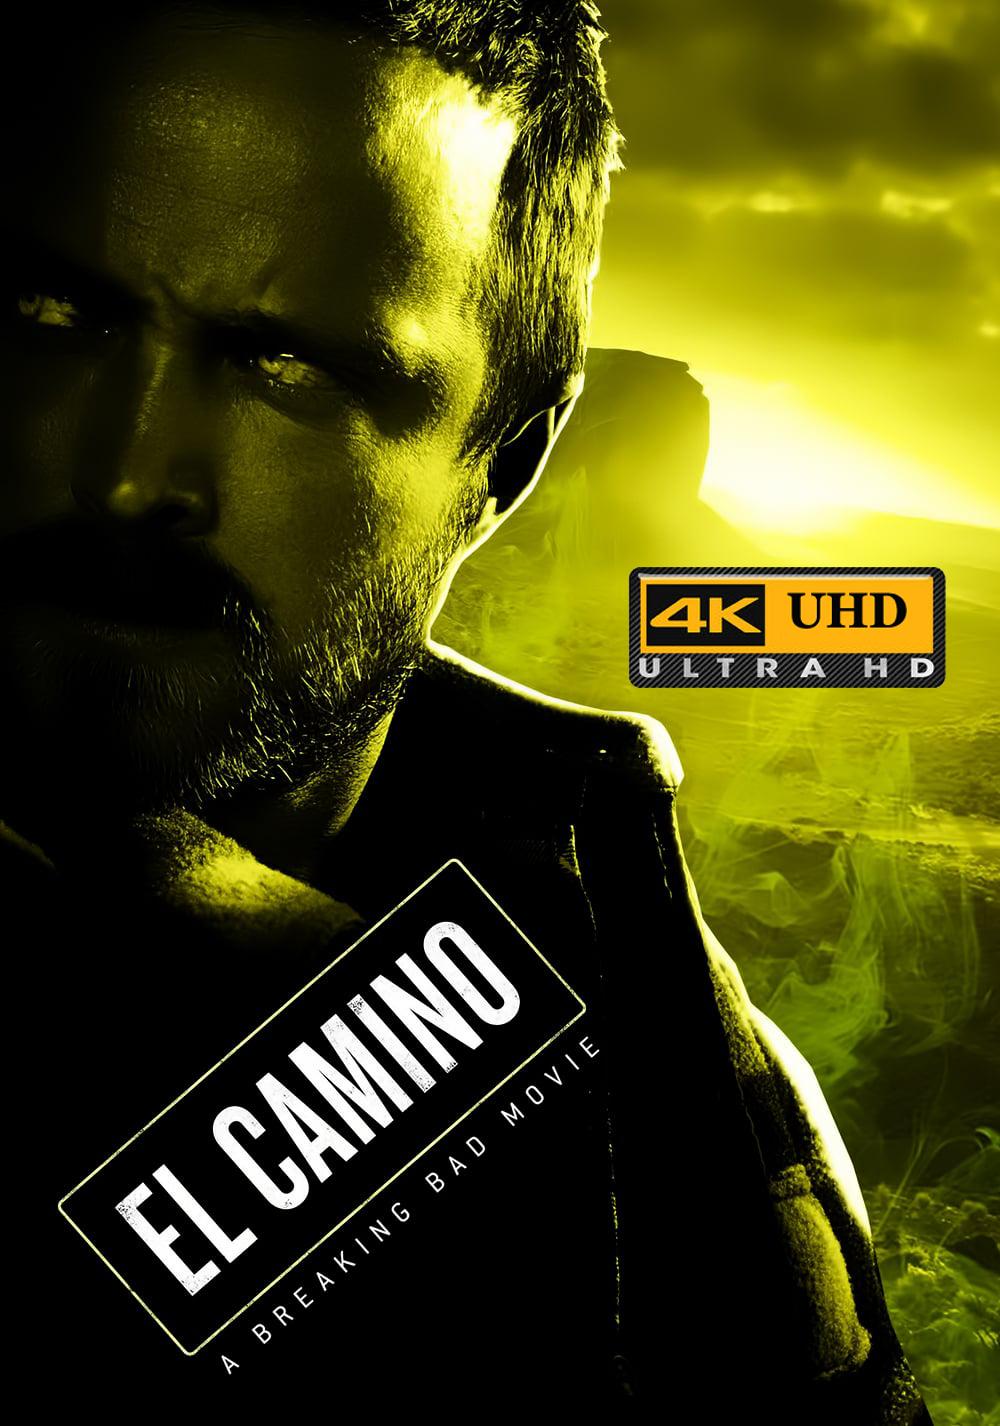 El Camino: Una película de Breaking Bad (2019) NF 4K UHD WEB-DL Latino